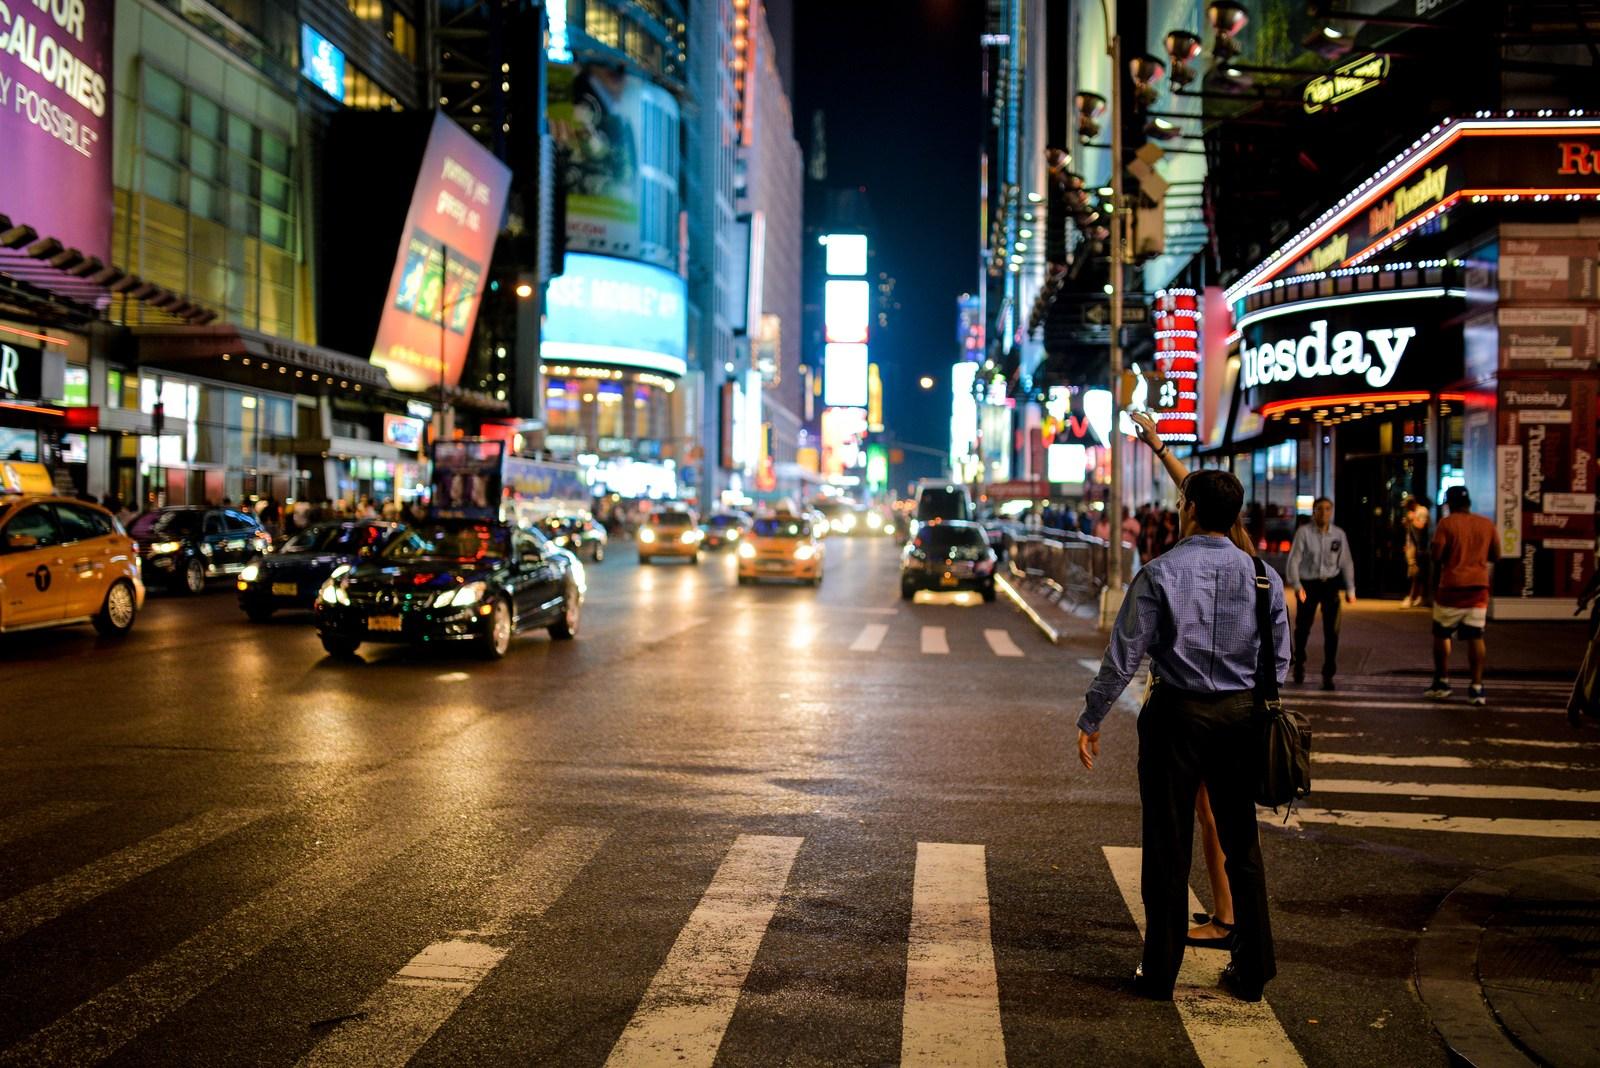 Prendre un taxi à Times Square Manhattan